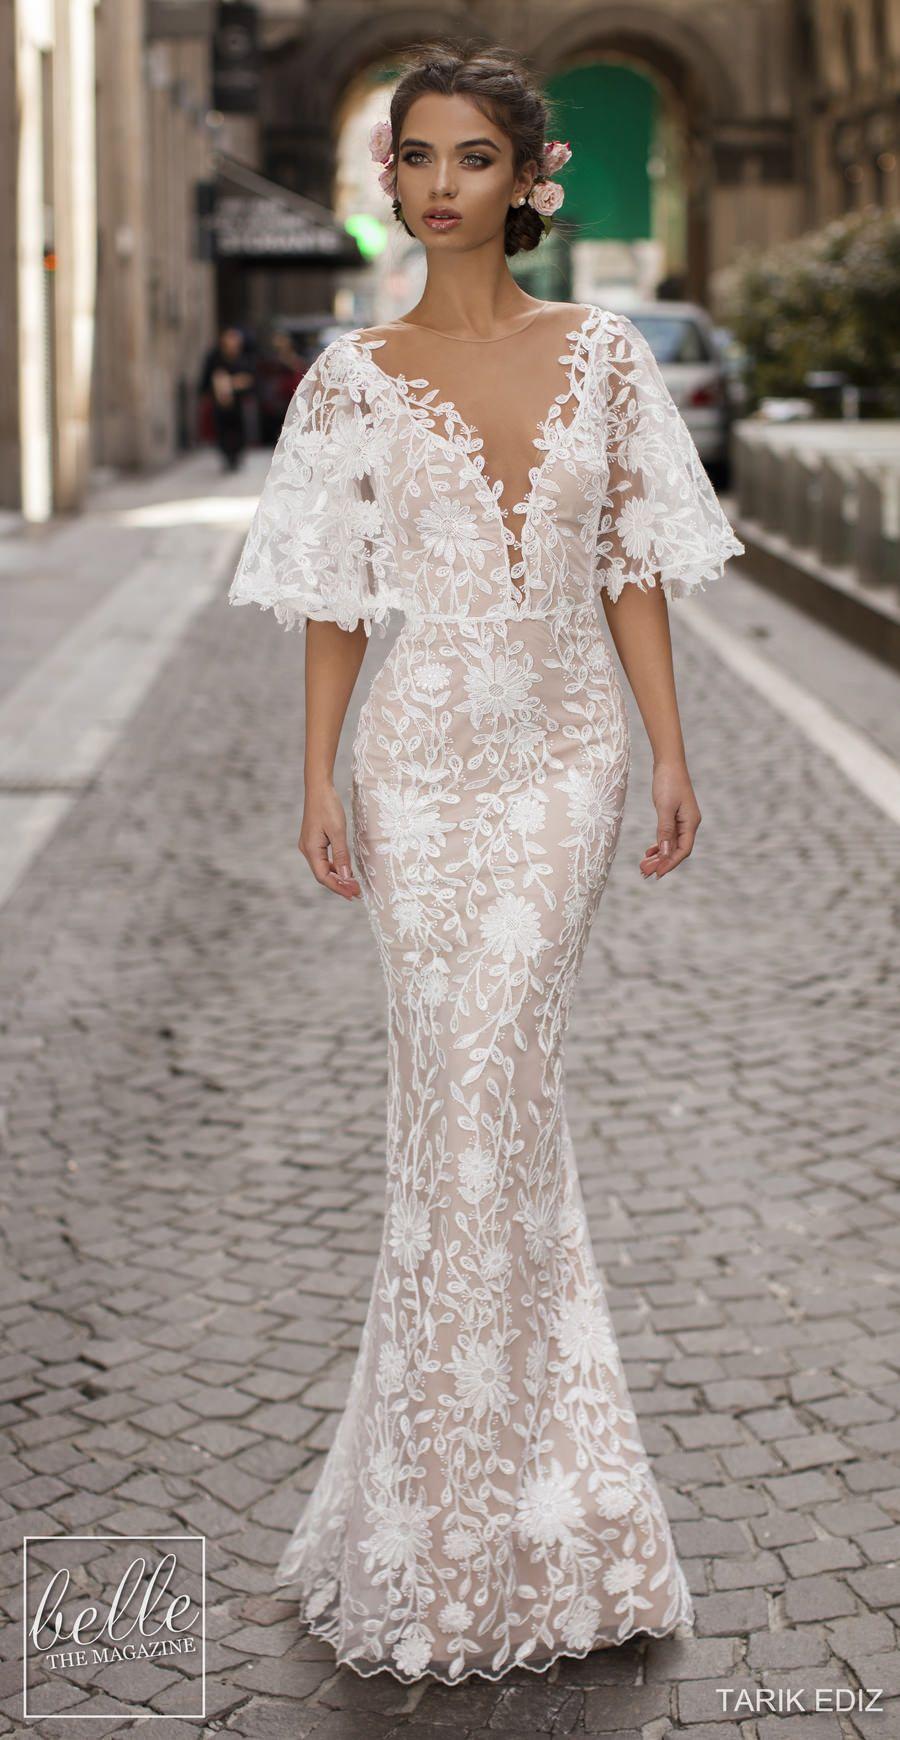 Tarik Ediz Wedding Dresses 2019 Belle The Magazine Wedding Dresses Wedding Dresses Lace Bridal Dresses